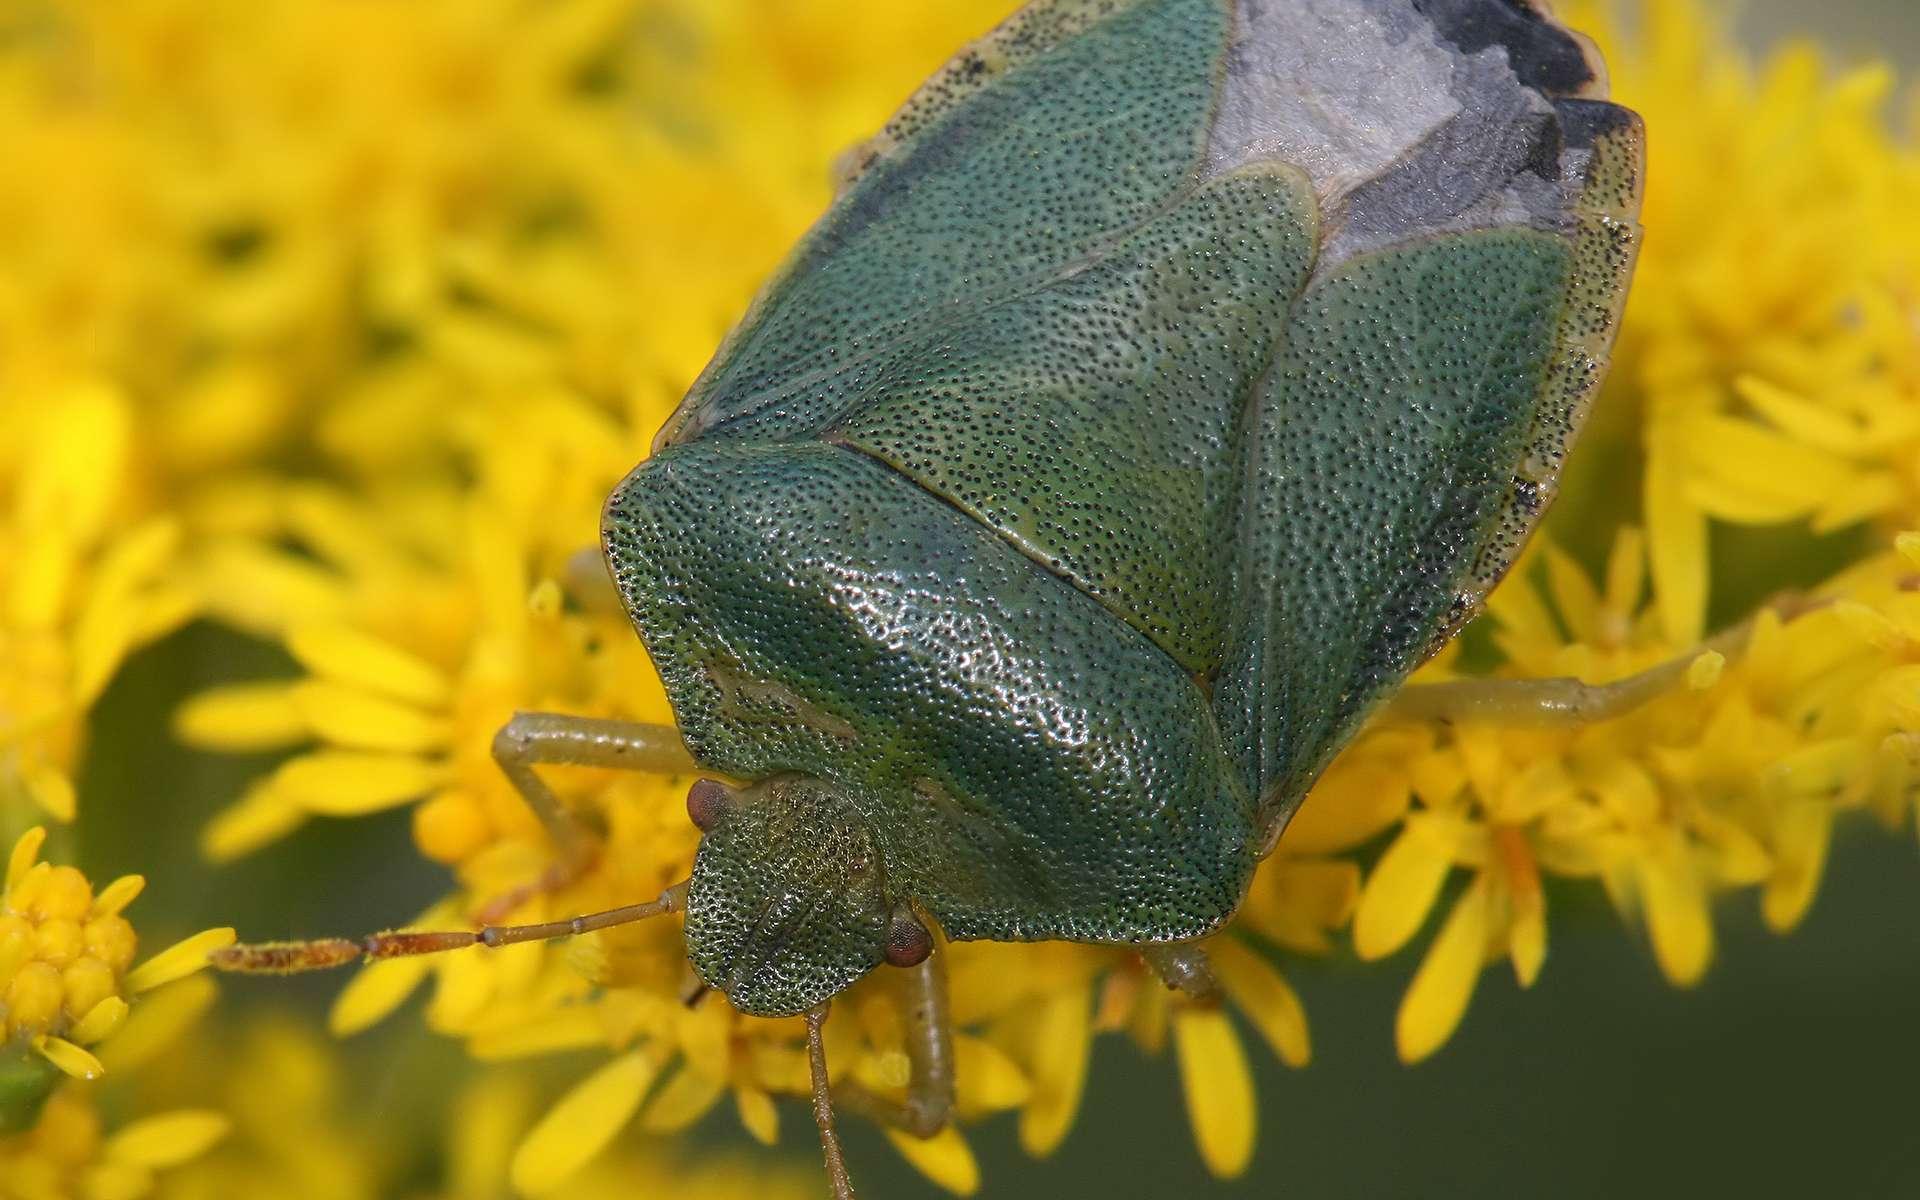 La punaise verte est l'une des plus communes en Europe. L'usage de pesticides écologiques peut en débarrasser votre maison ou votre jardin. © Richard Bartz, Wikimedia Commons, cc by sa 2.5